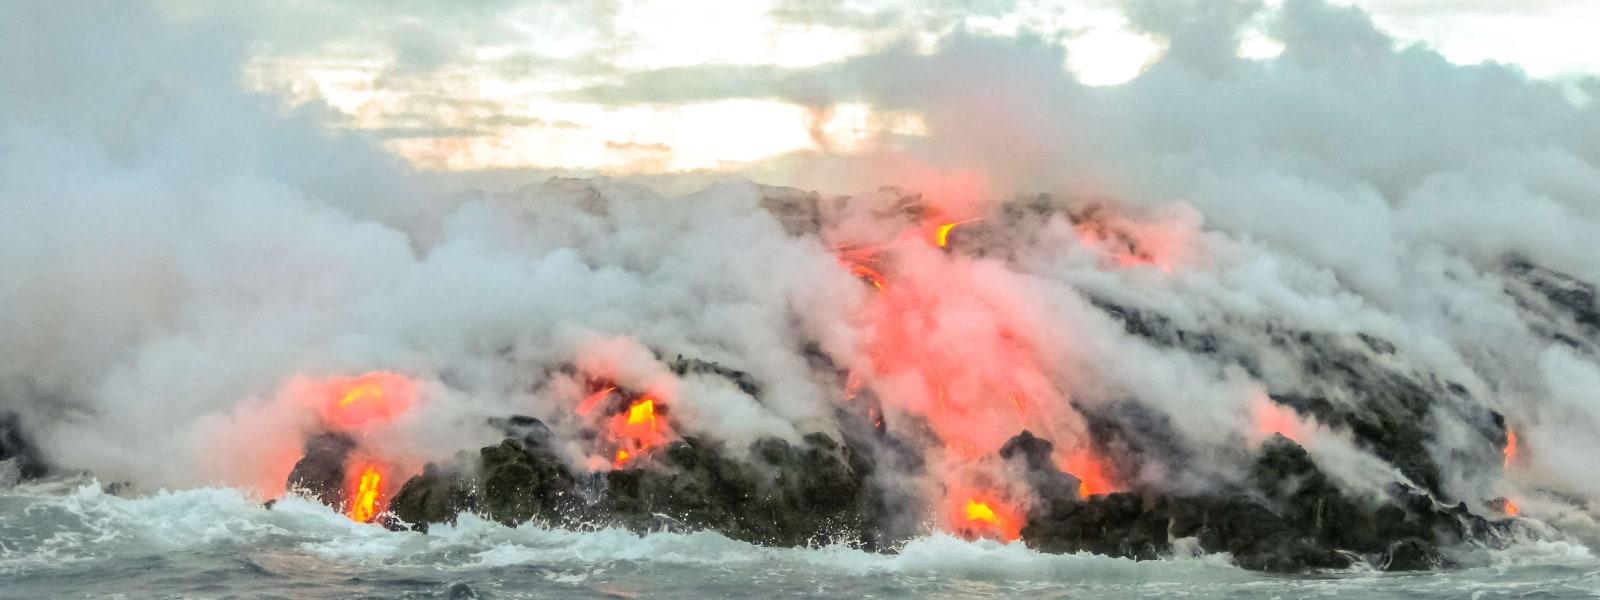 VolcanoesNationalPark-Tour-Guide